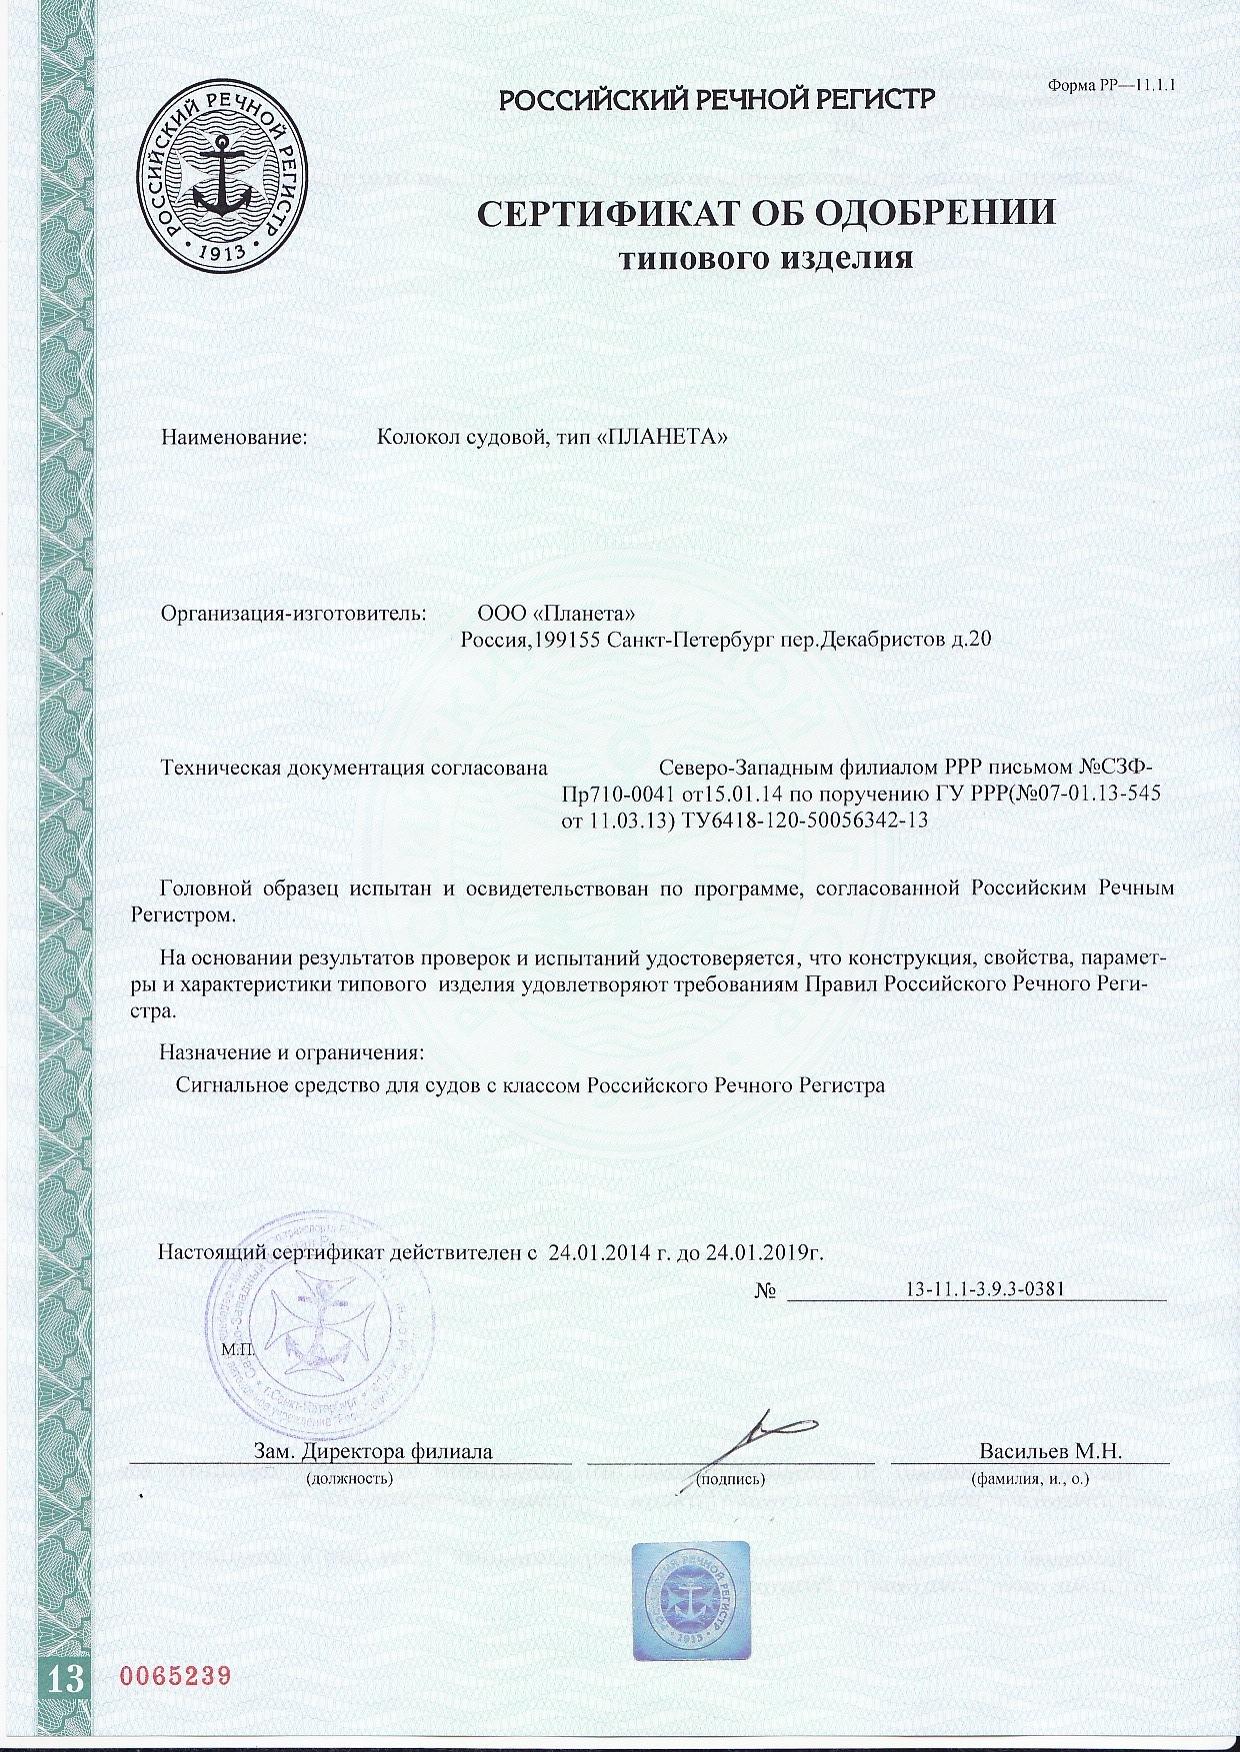 Сертификация судовой элект росжилкоммунсертификация» «сертифика